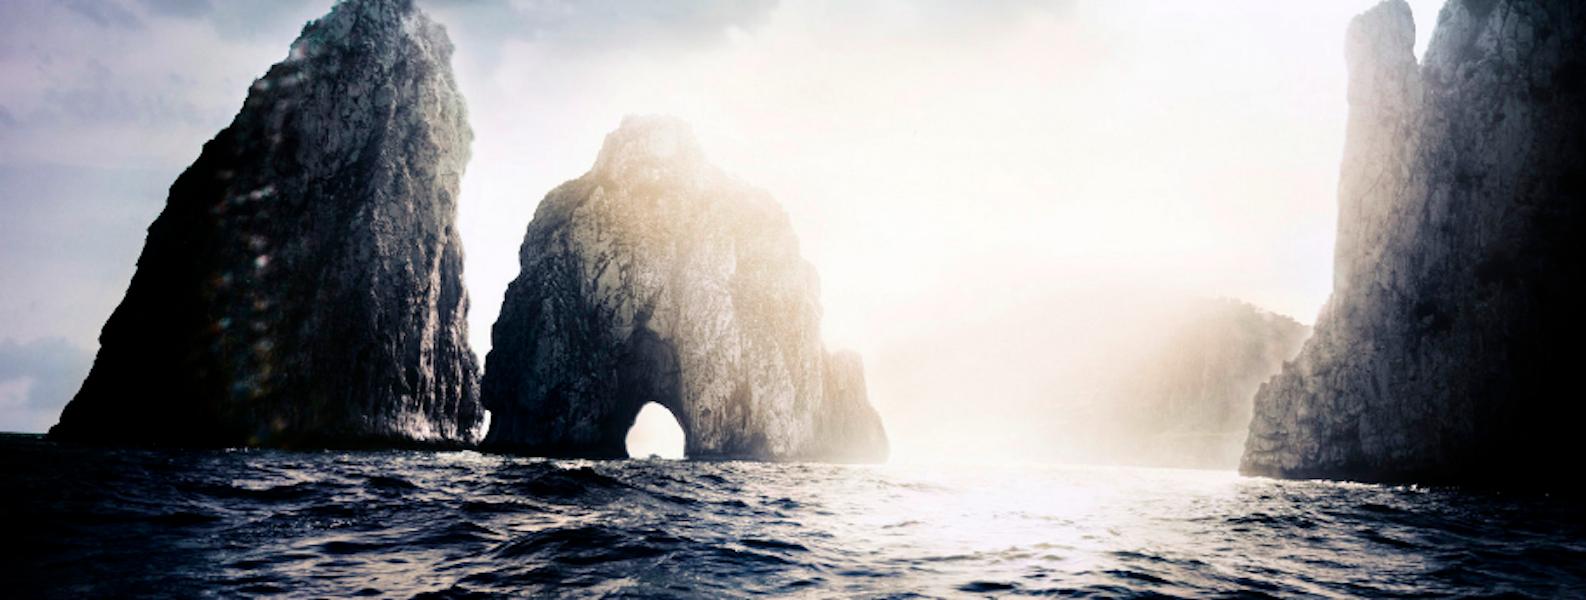 Capri byDavid Drebin